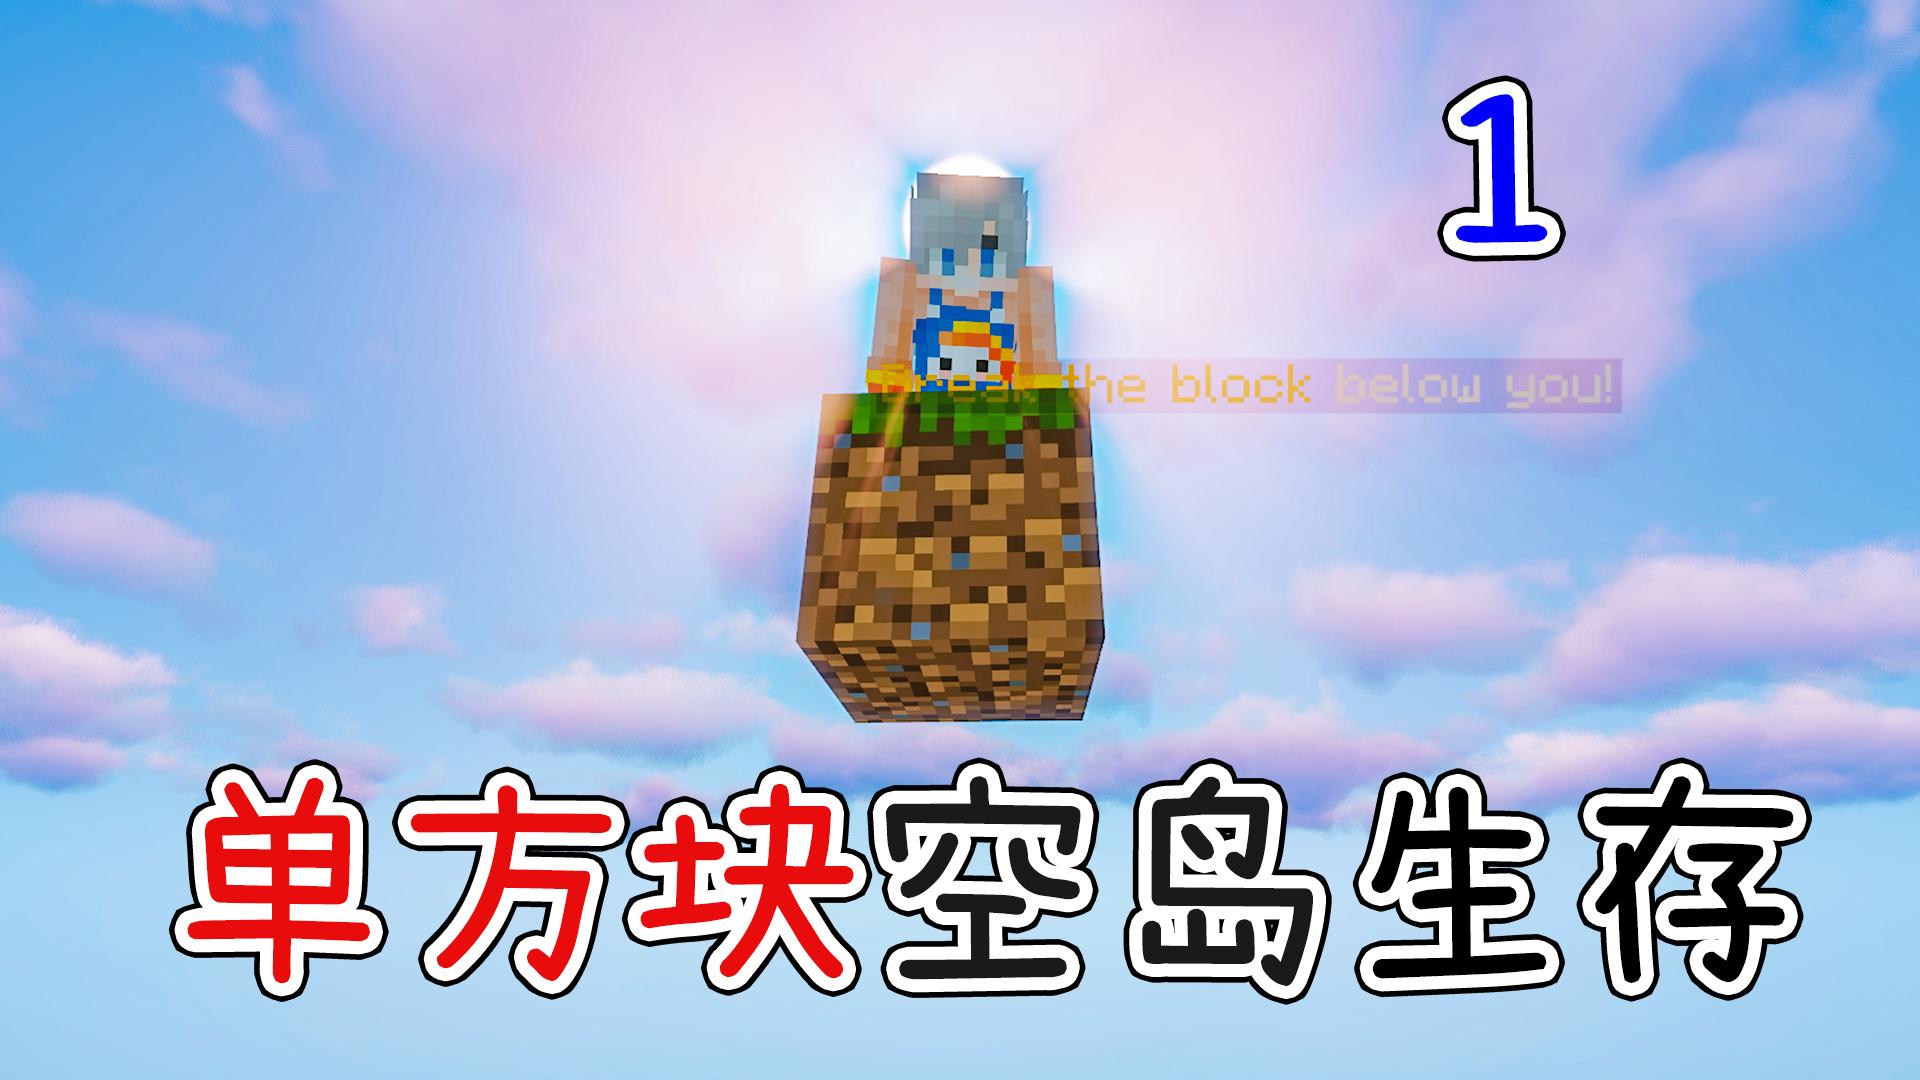 我的世界单方块空岛1:开局一个方块,肝!